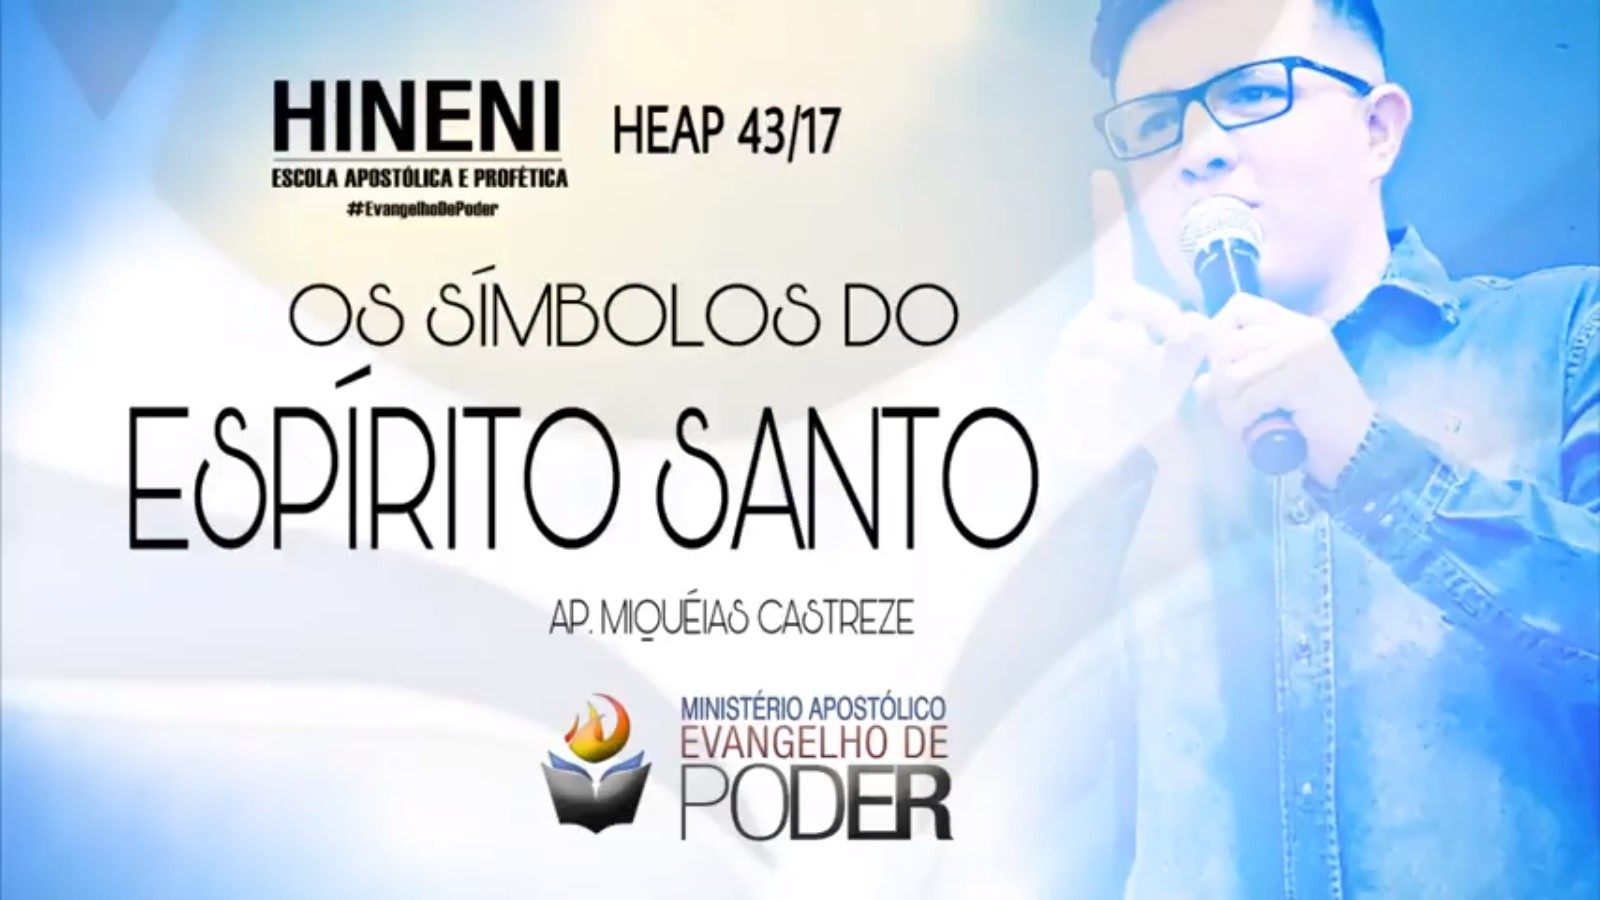 [HEAP 43/17] OS SÍMBOLOS DO ESPÍRITO SANTO